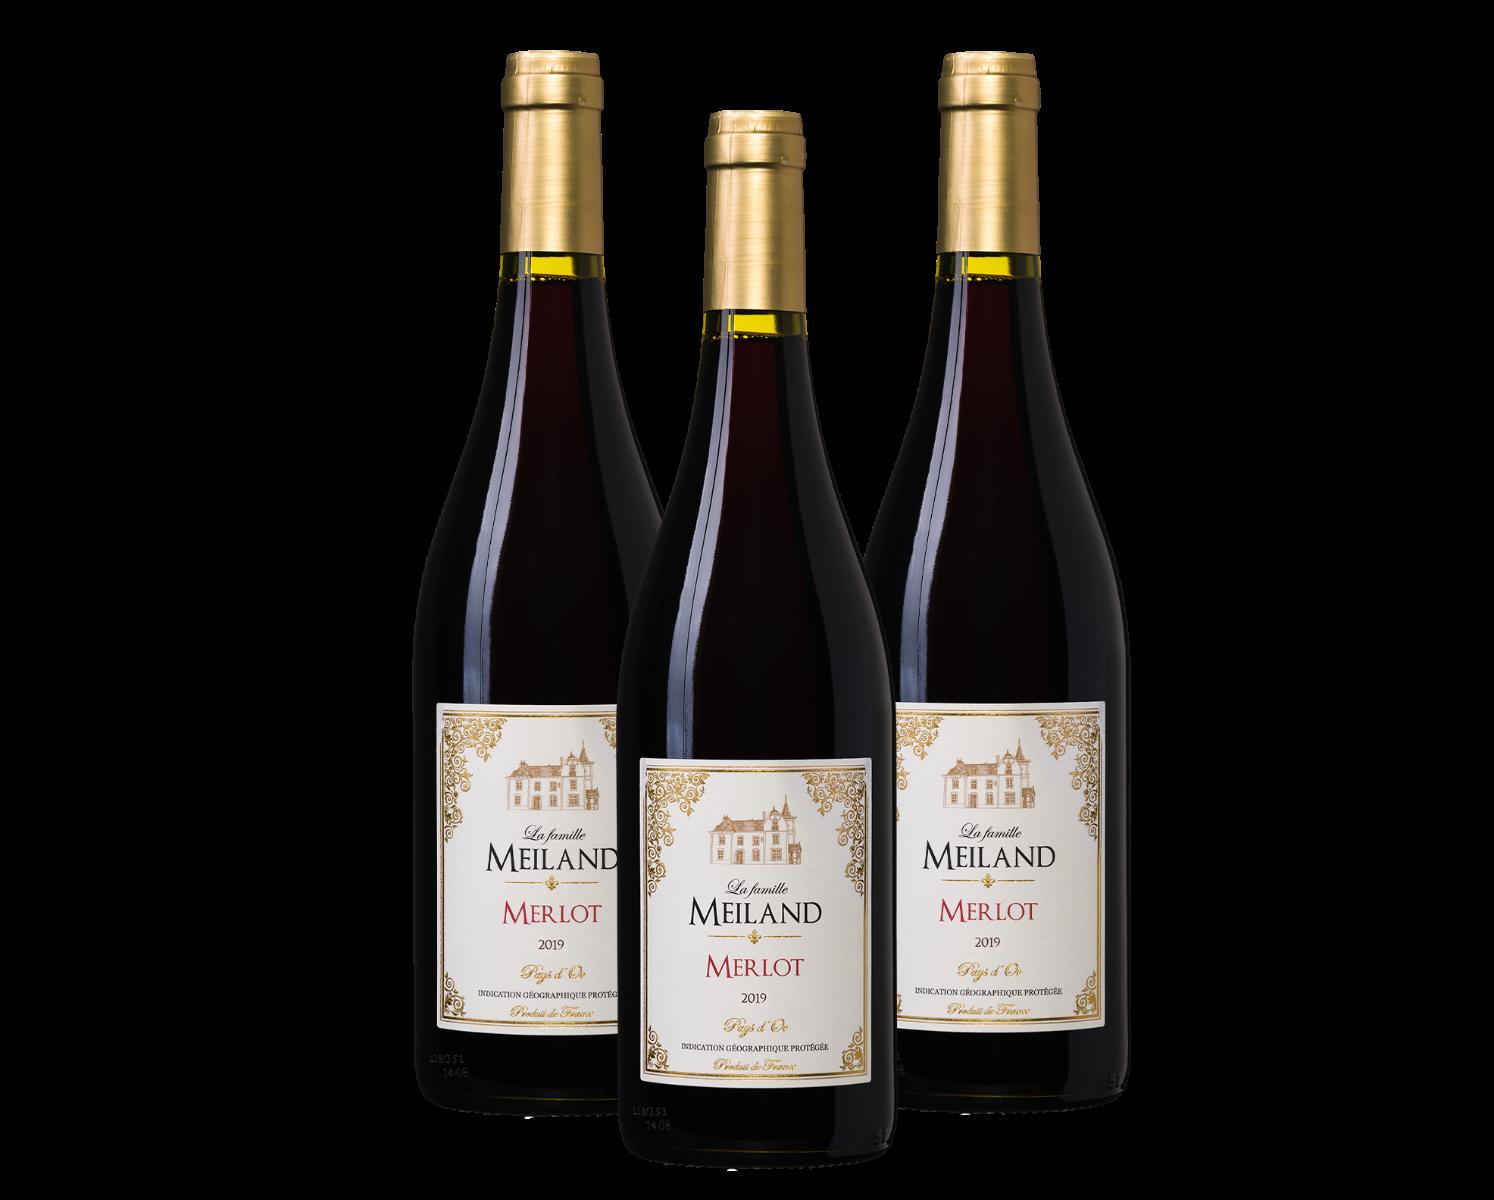 La famille Meiland Merlot (3 flessen)